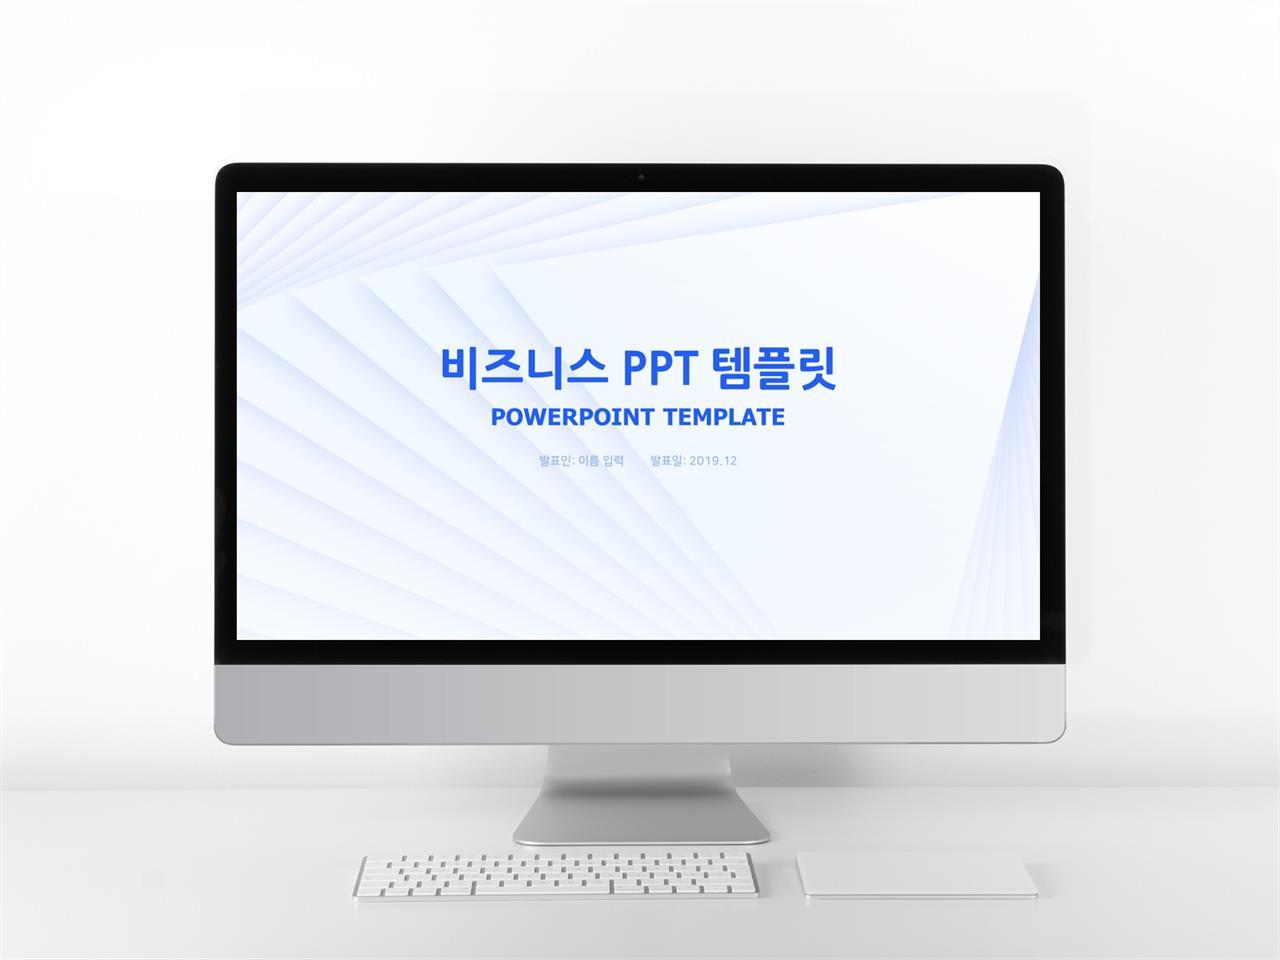 비즈니스 파란색 간략한 다양한 주제에 어울리는 PPT서식 디자인 미리보기